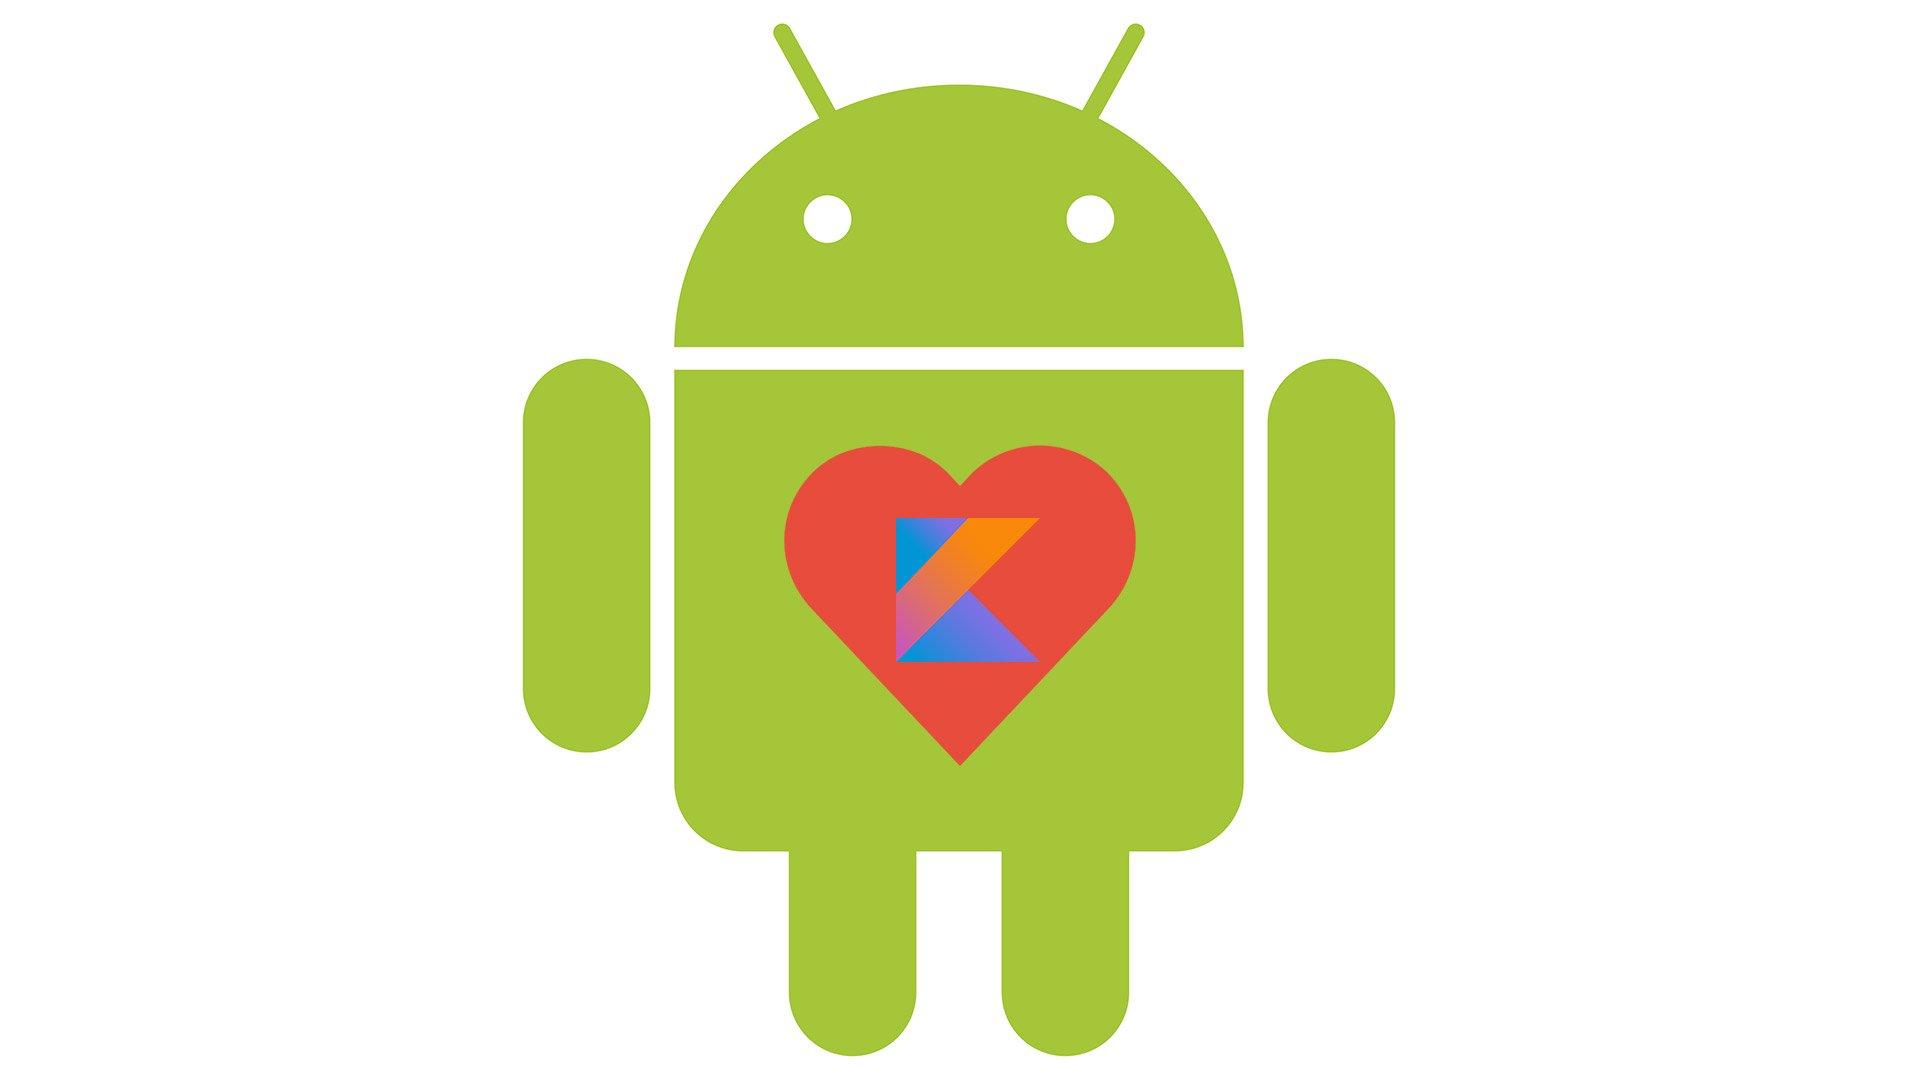 Kotlin nuovo linguaggio di programmazione per Android?